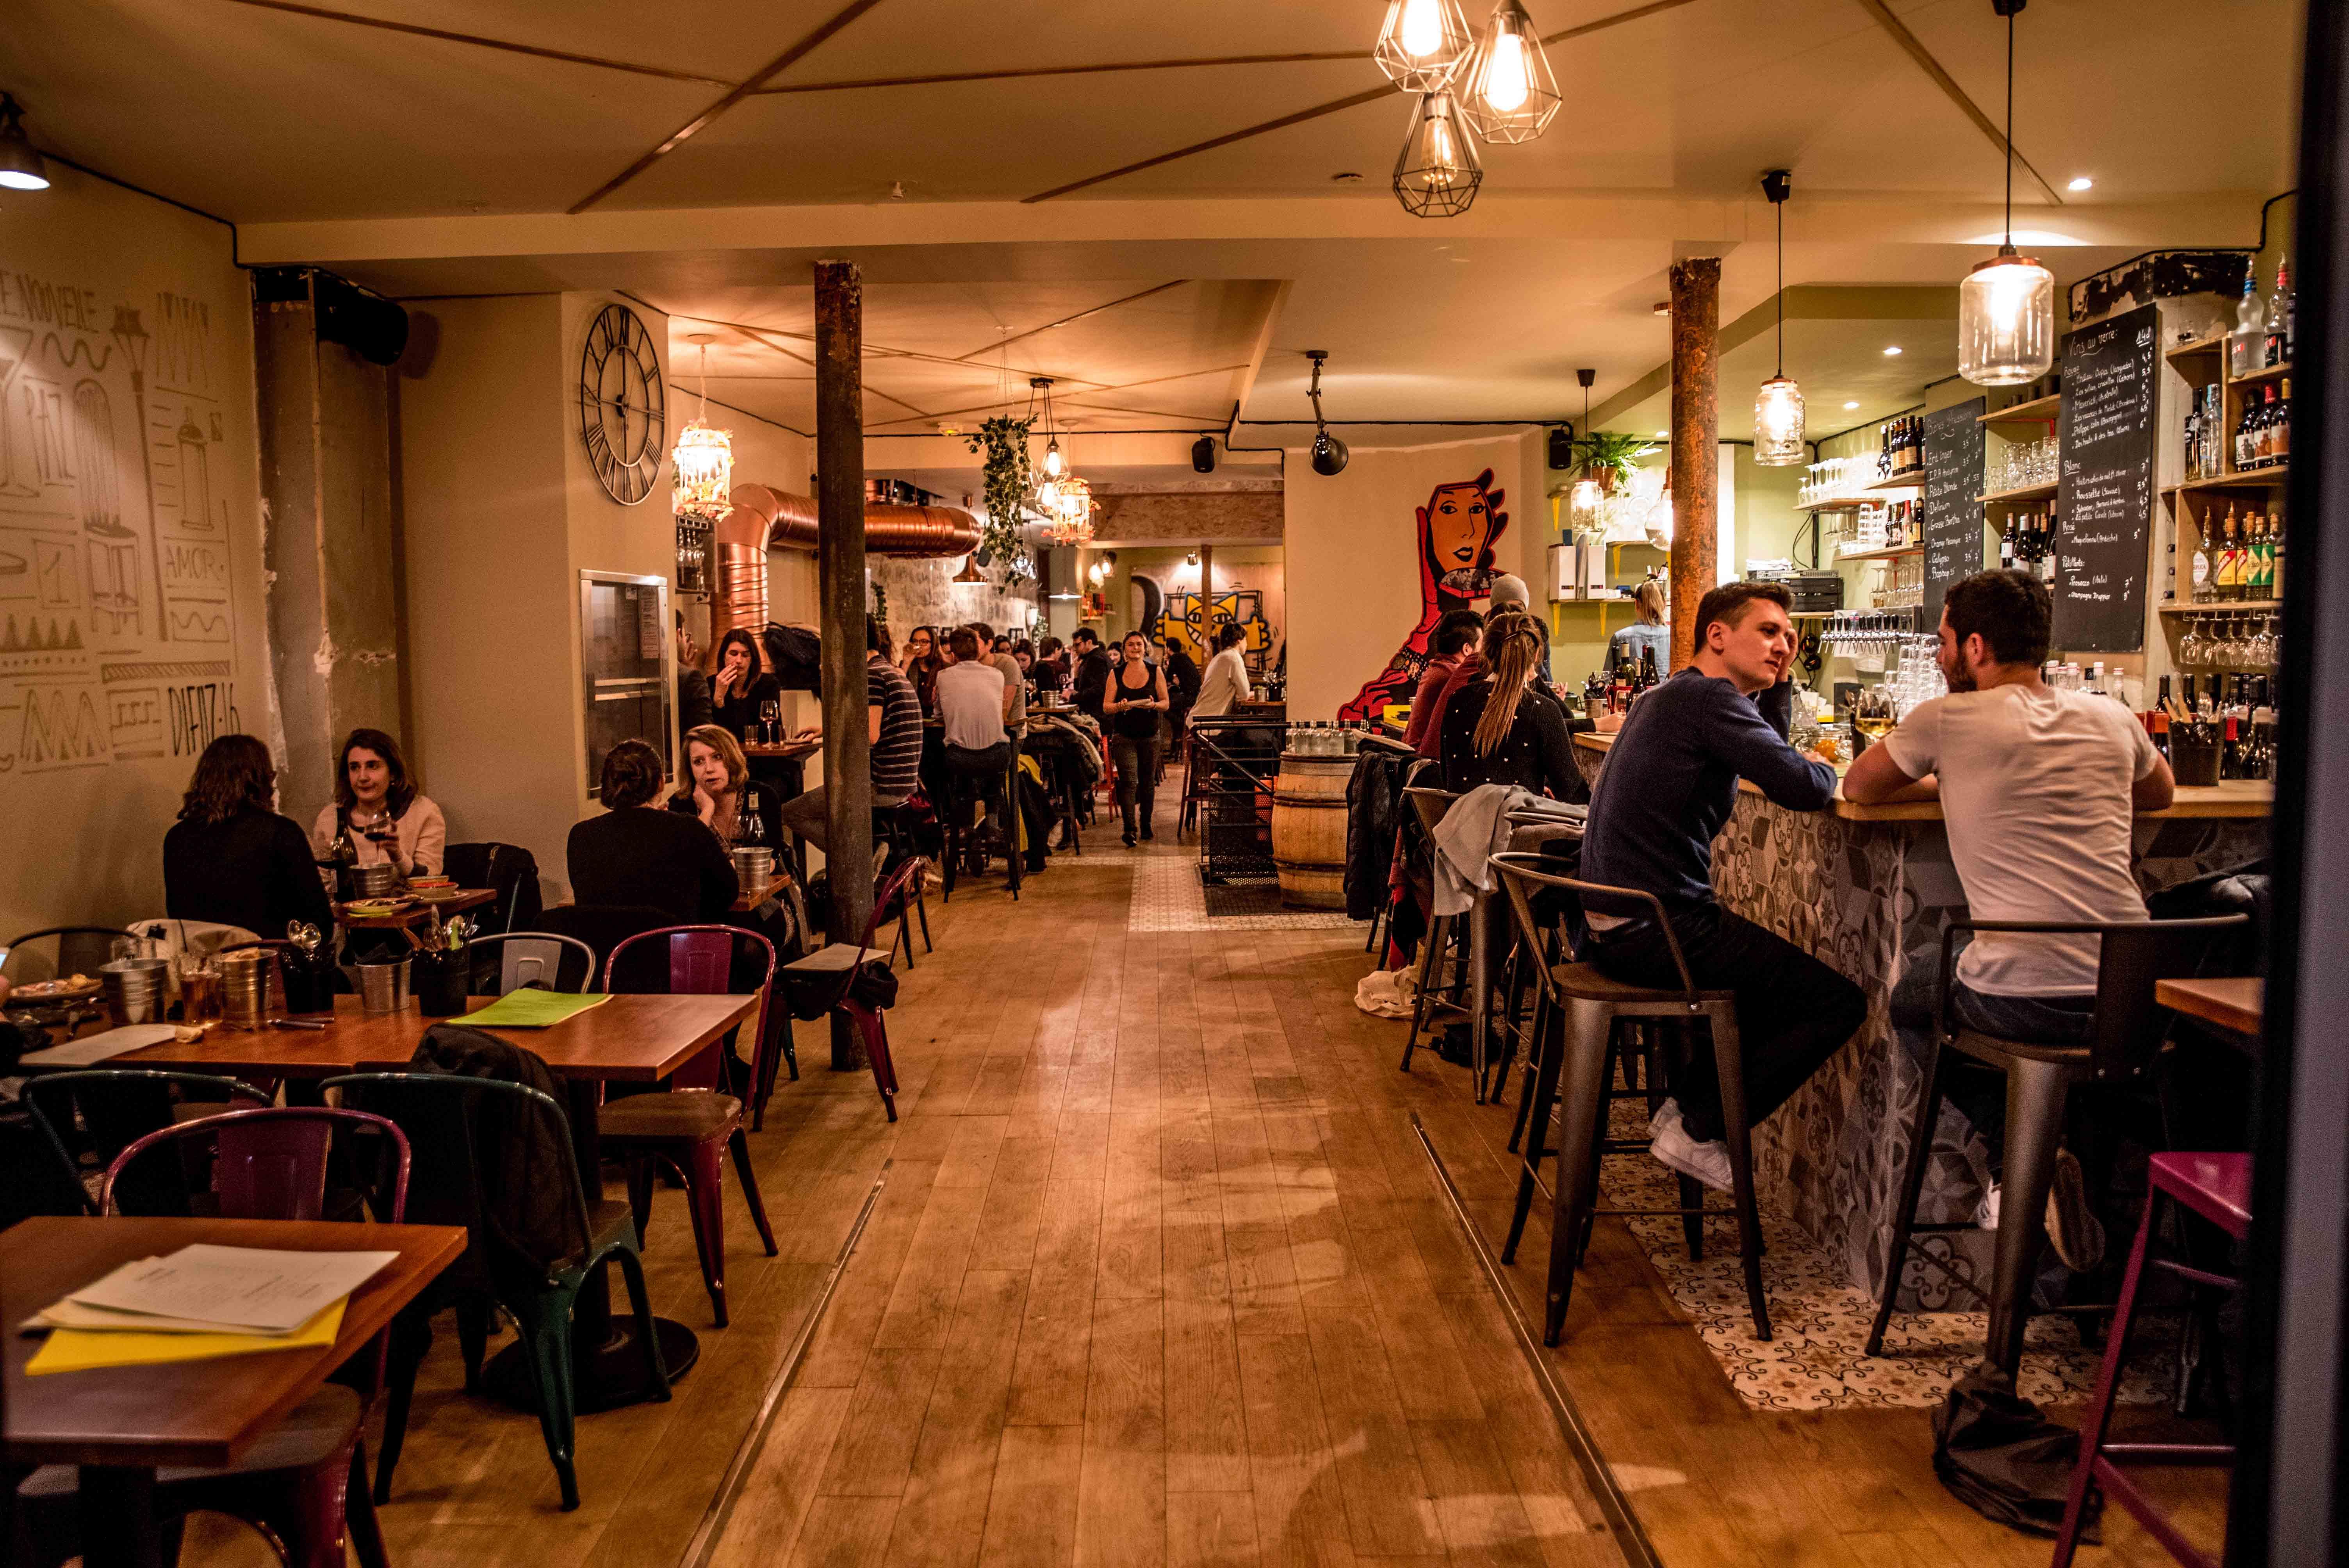 La boissonni re un bar tapas convivial au coeur du sentier oopsie blog - Salon de la decoration paris ...